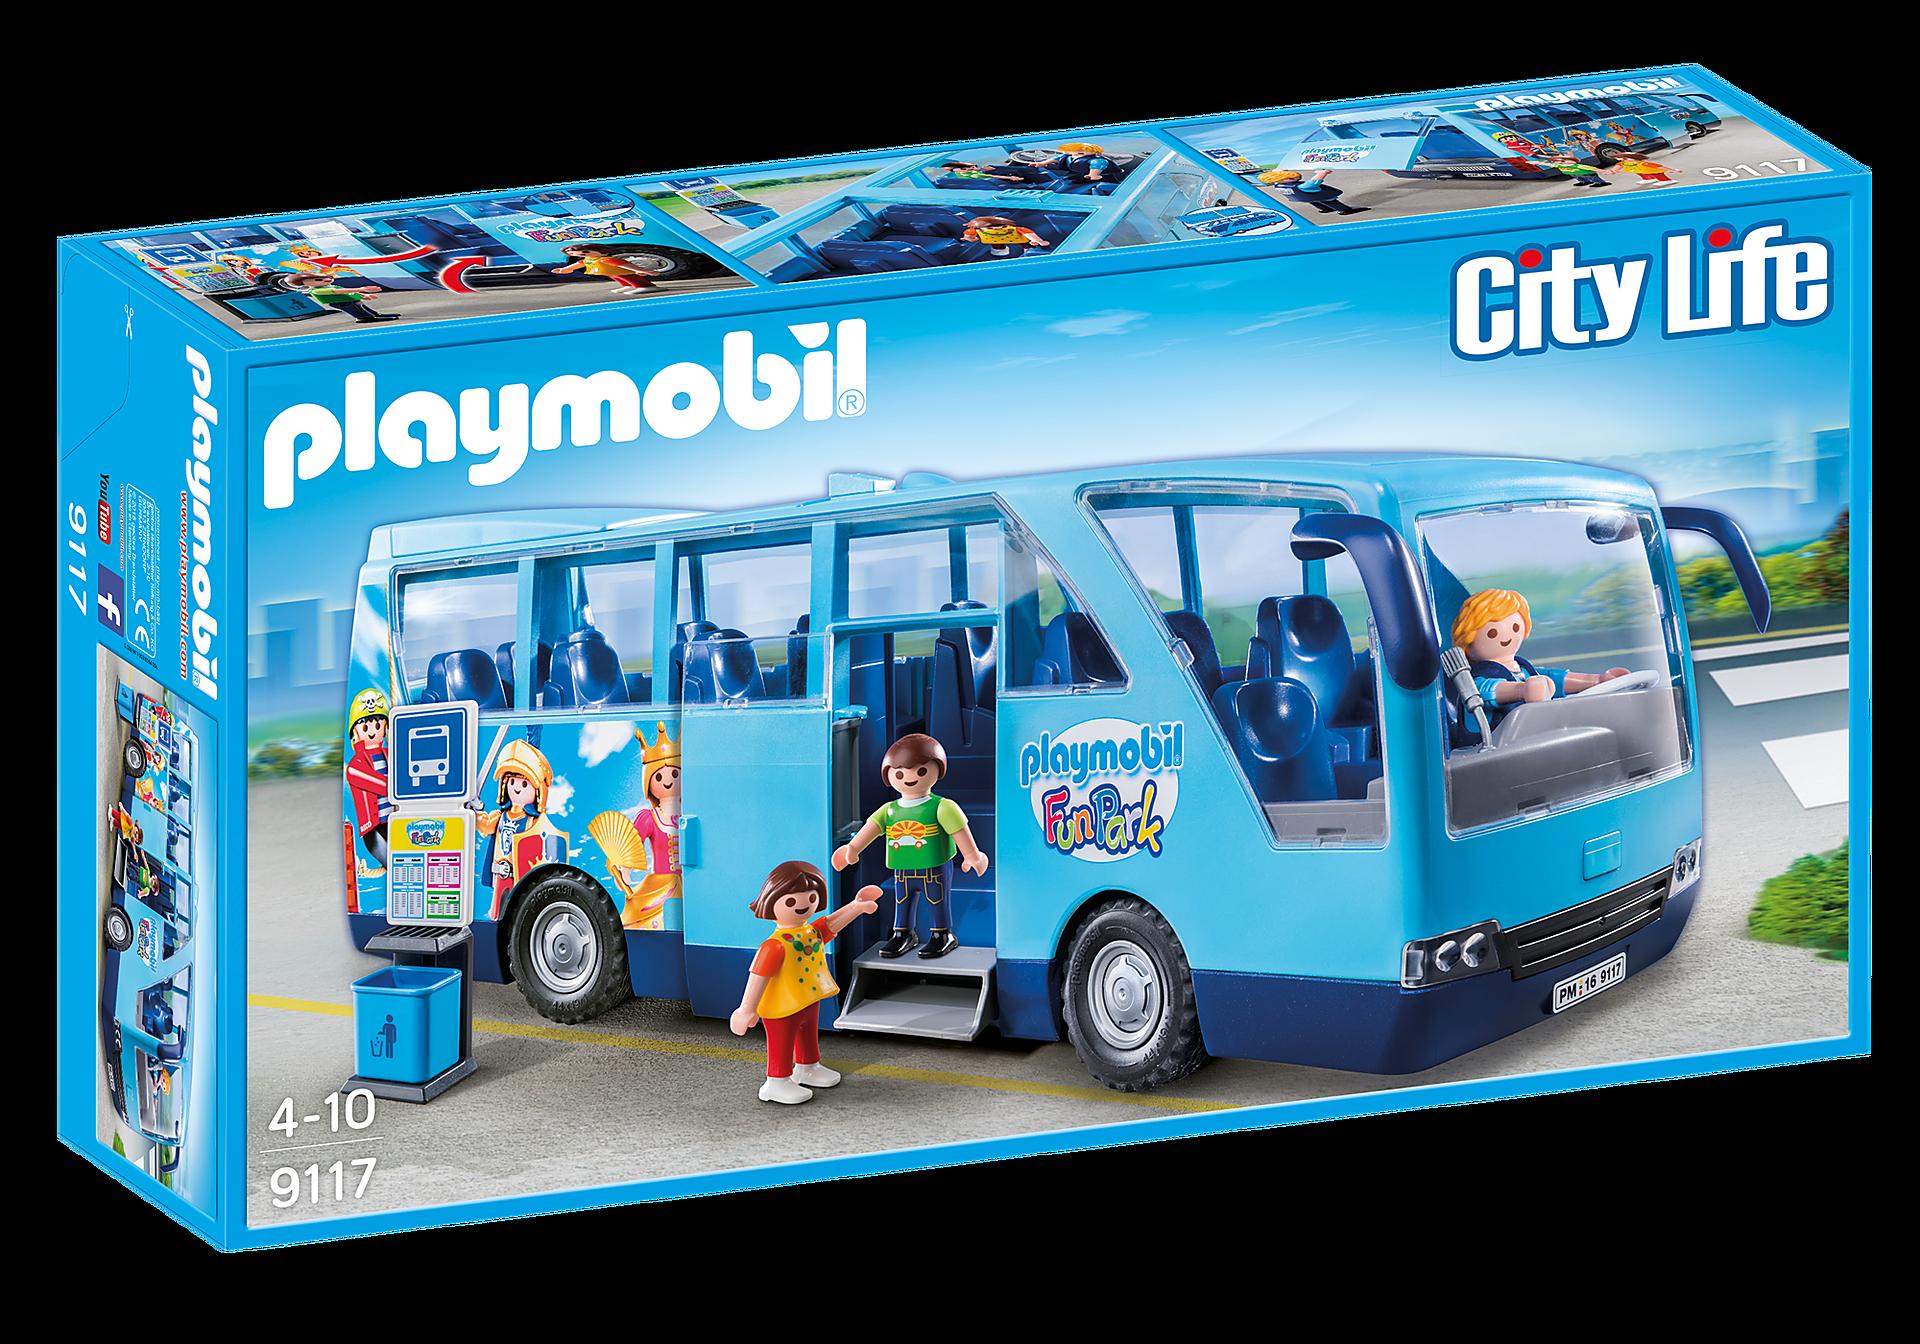 9117 PLAYMOBIL-FunPark Bus zoom image2